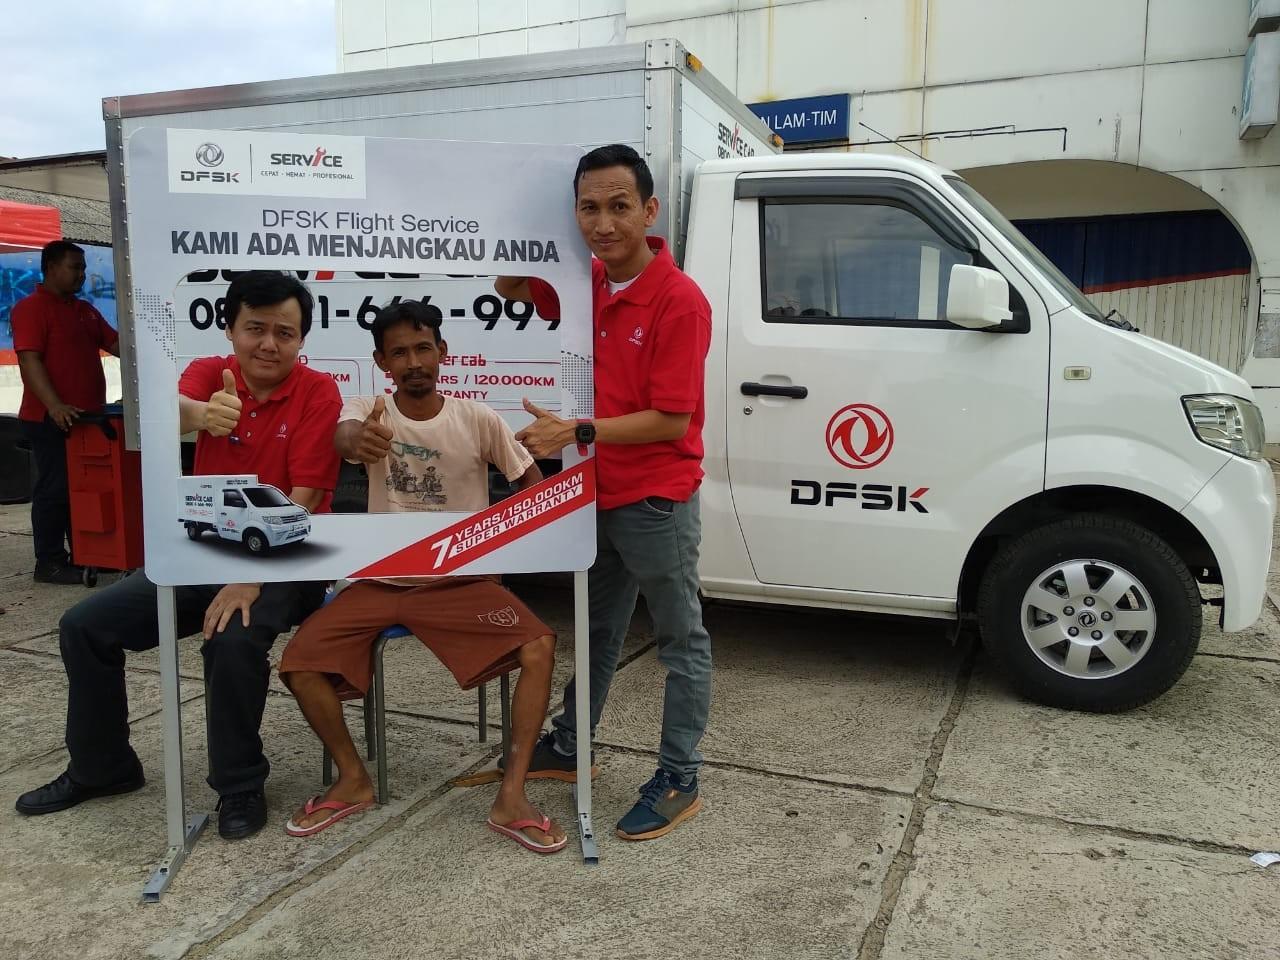 DFSK Flight Service Sambangi Konsumen di Lampung - [en]